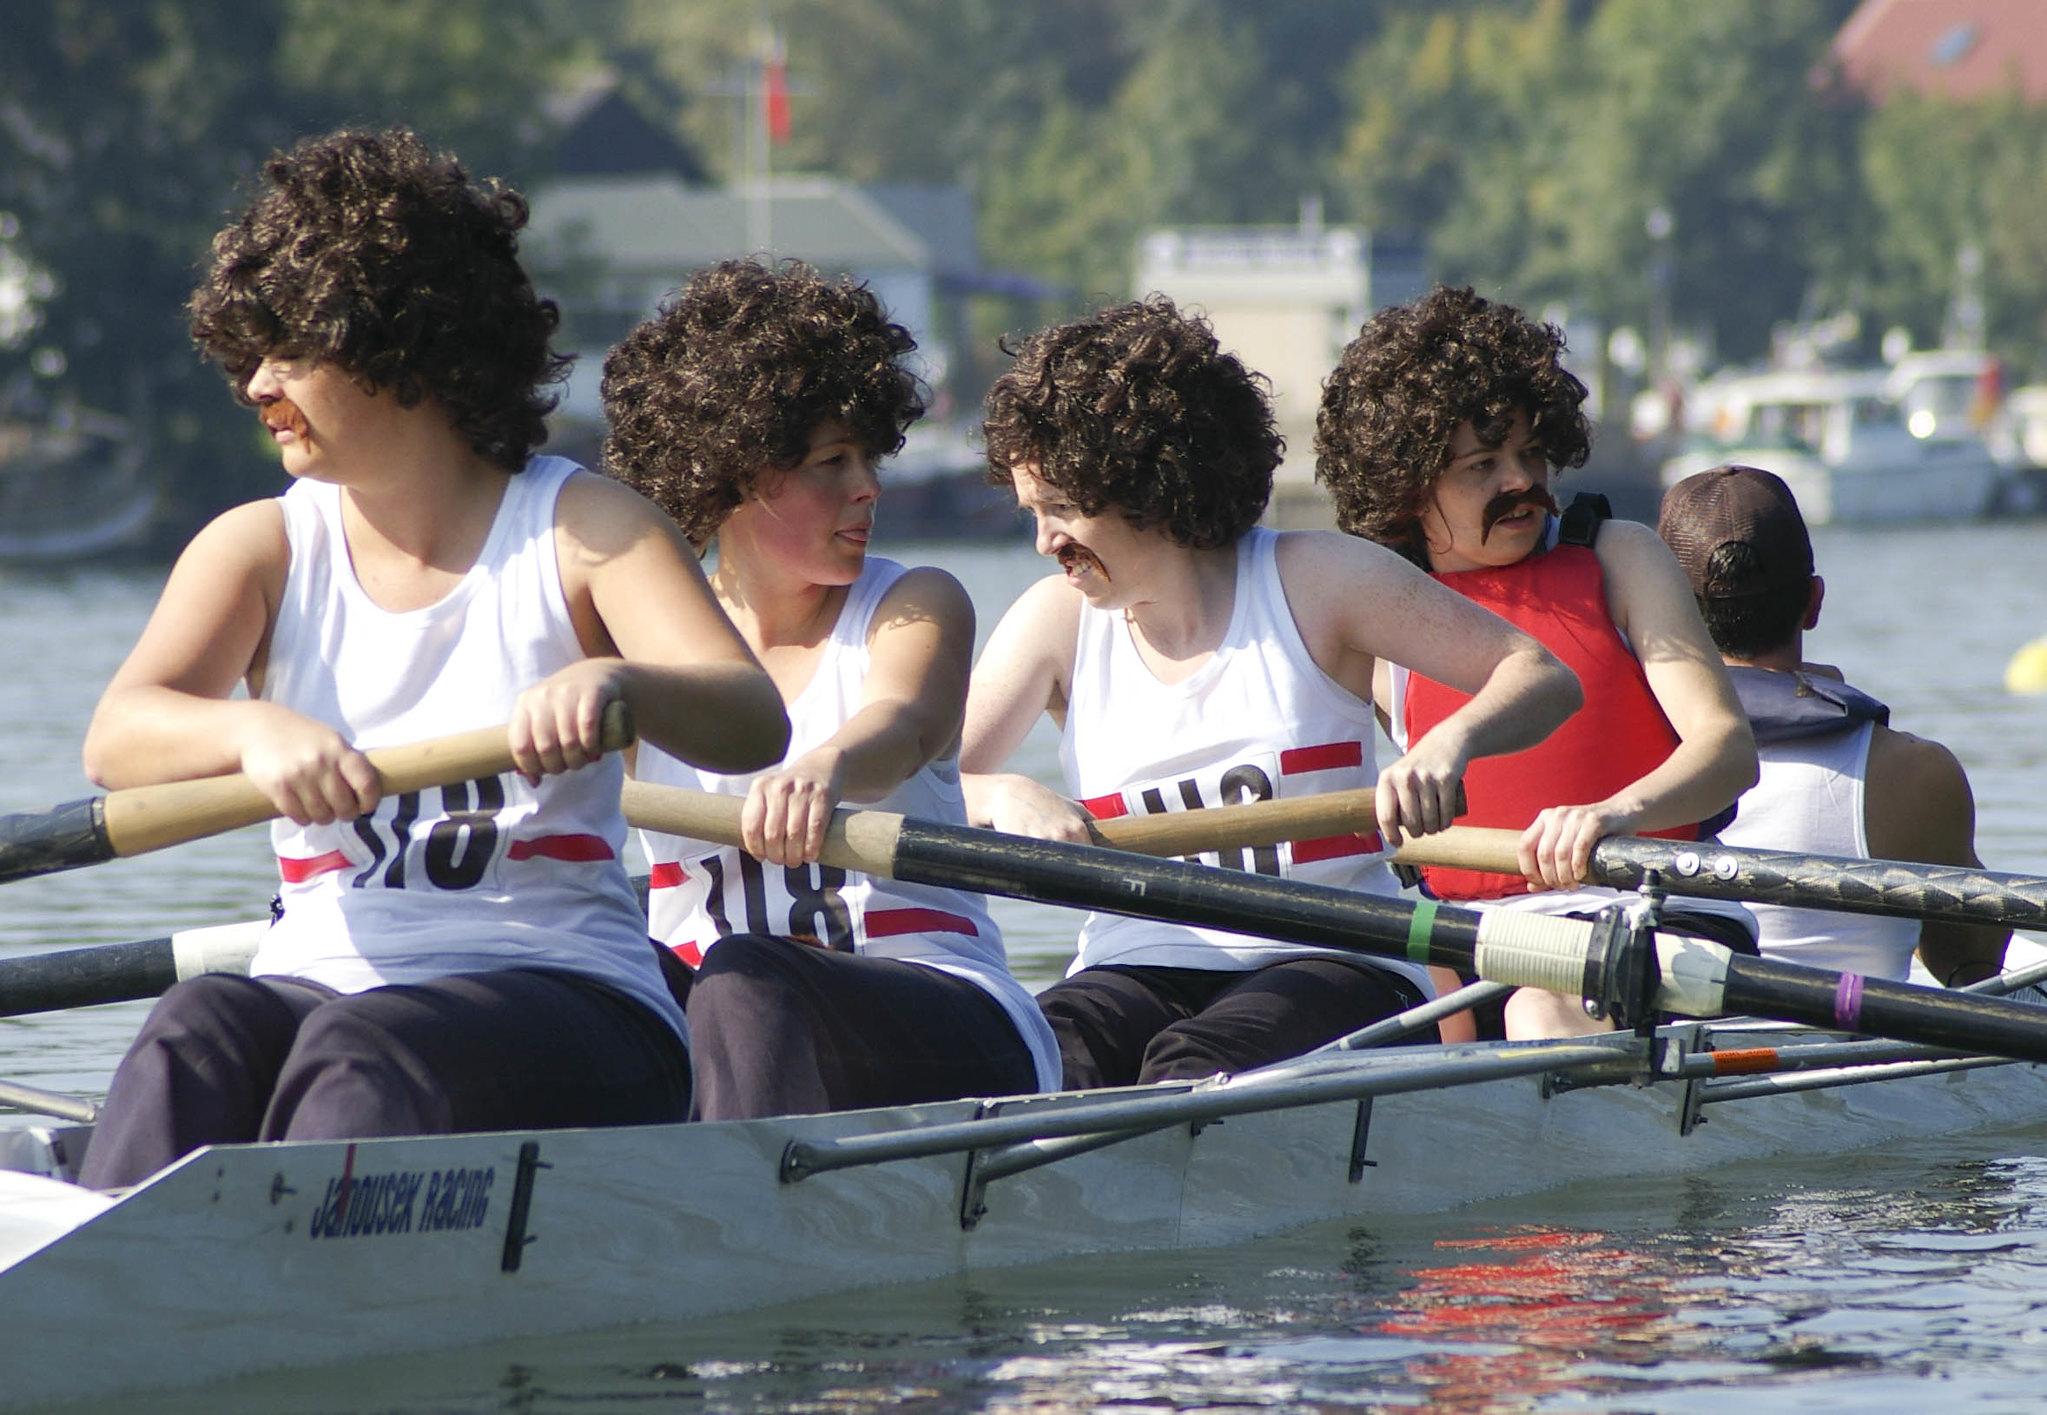 ユースオリンピック2018ボート結果速報・日程日本代表選手